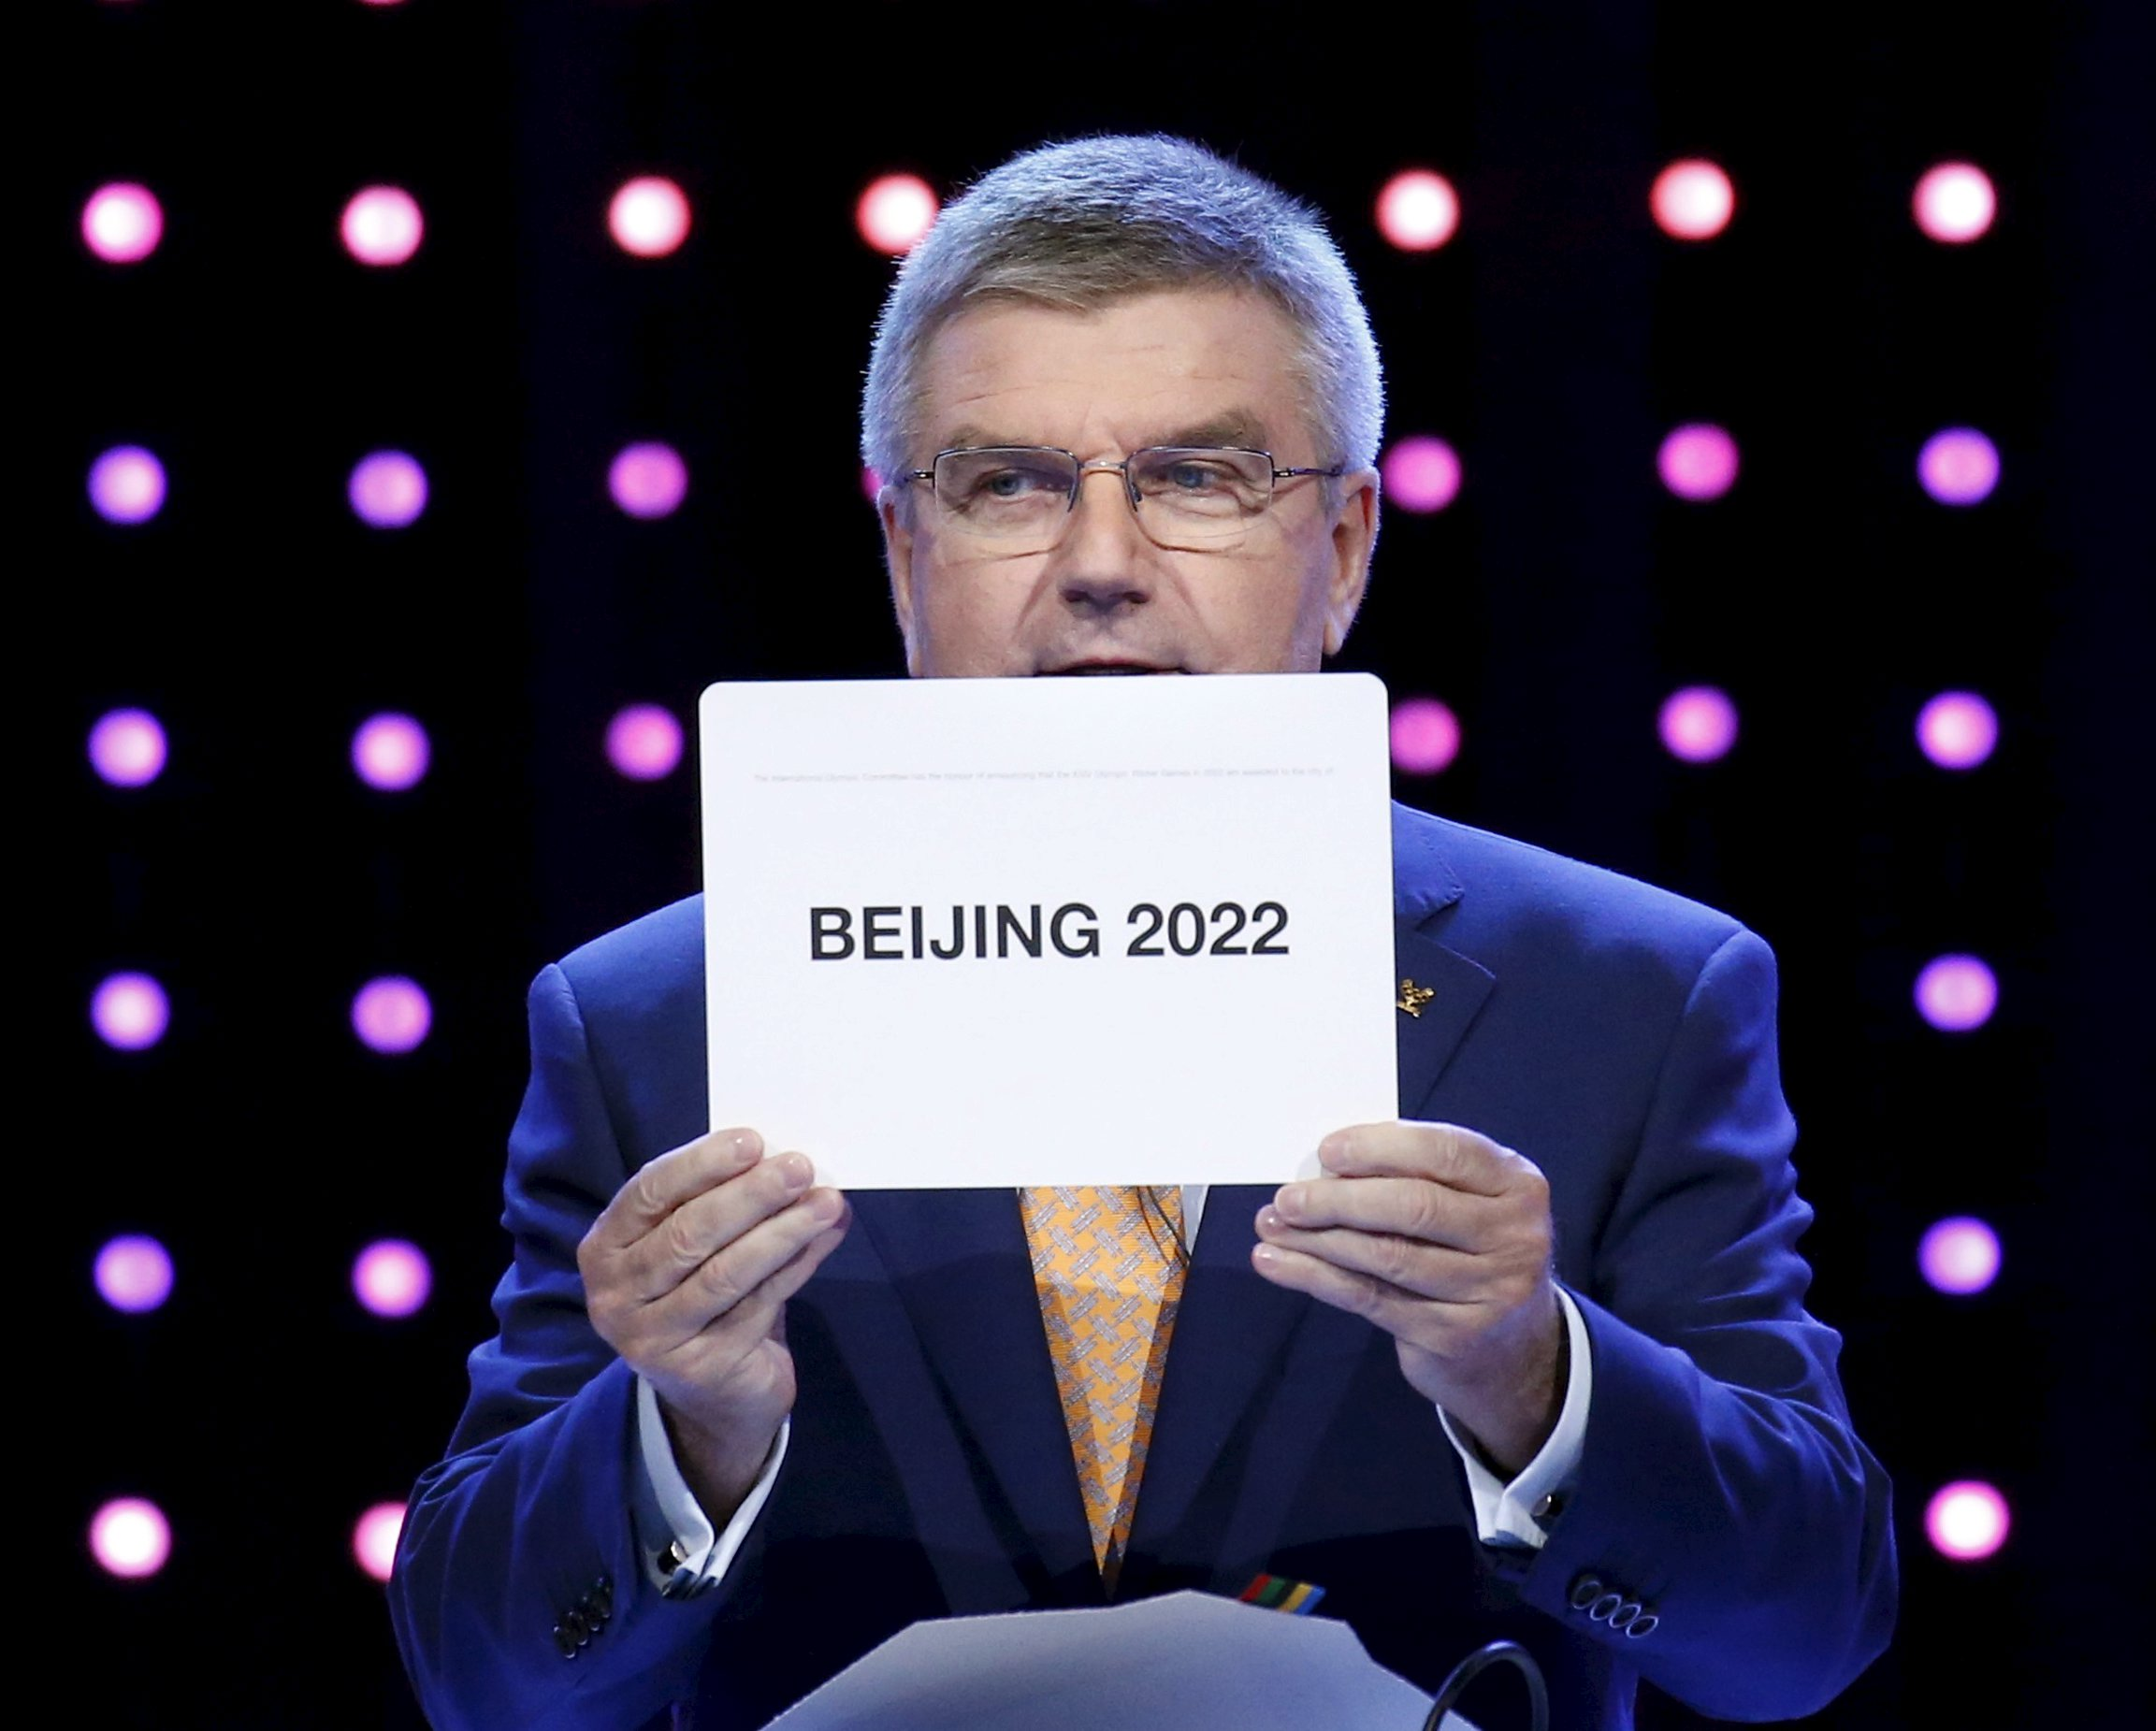 Pekin Elegida Sede De Los Juegos Olimpicos De Invierno De 2022